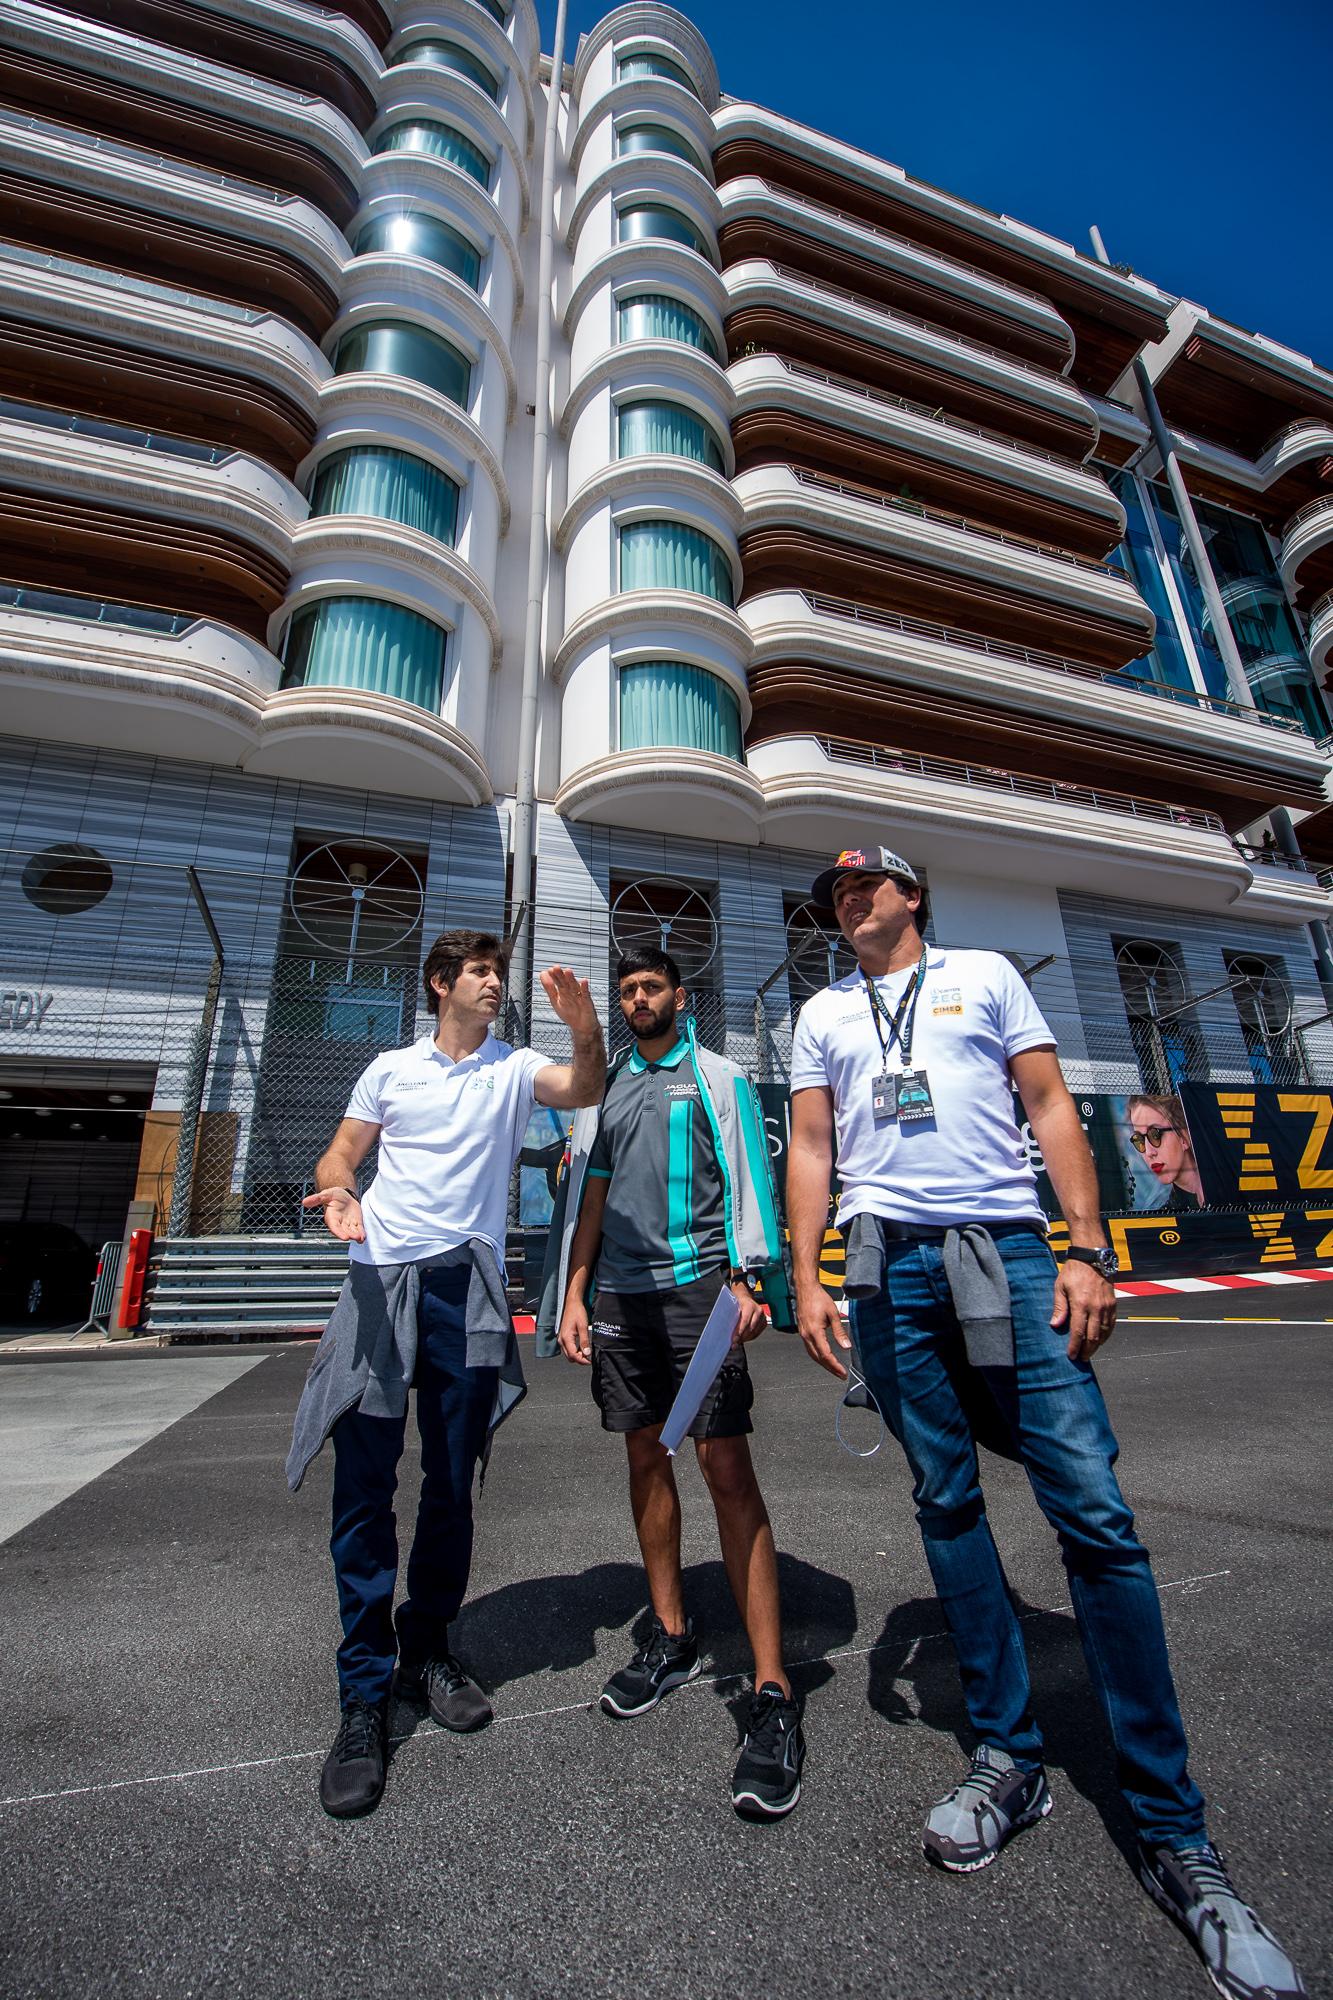 Jaguar_7.Monaco_josemariodias_01076